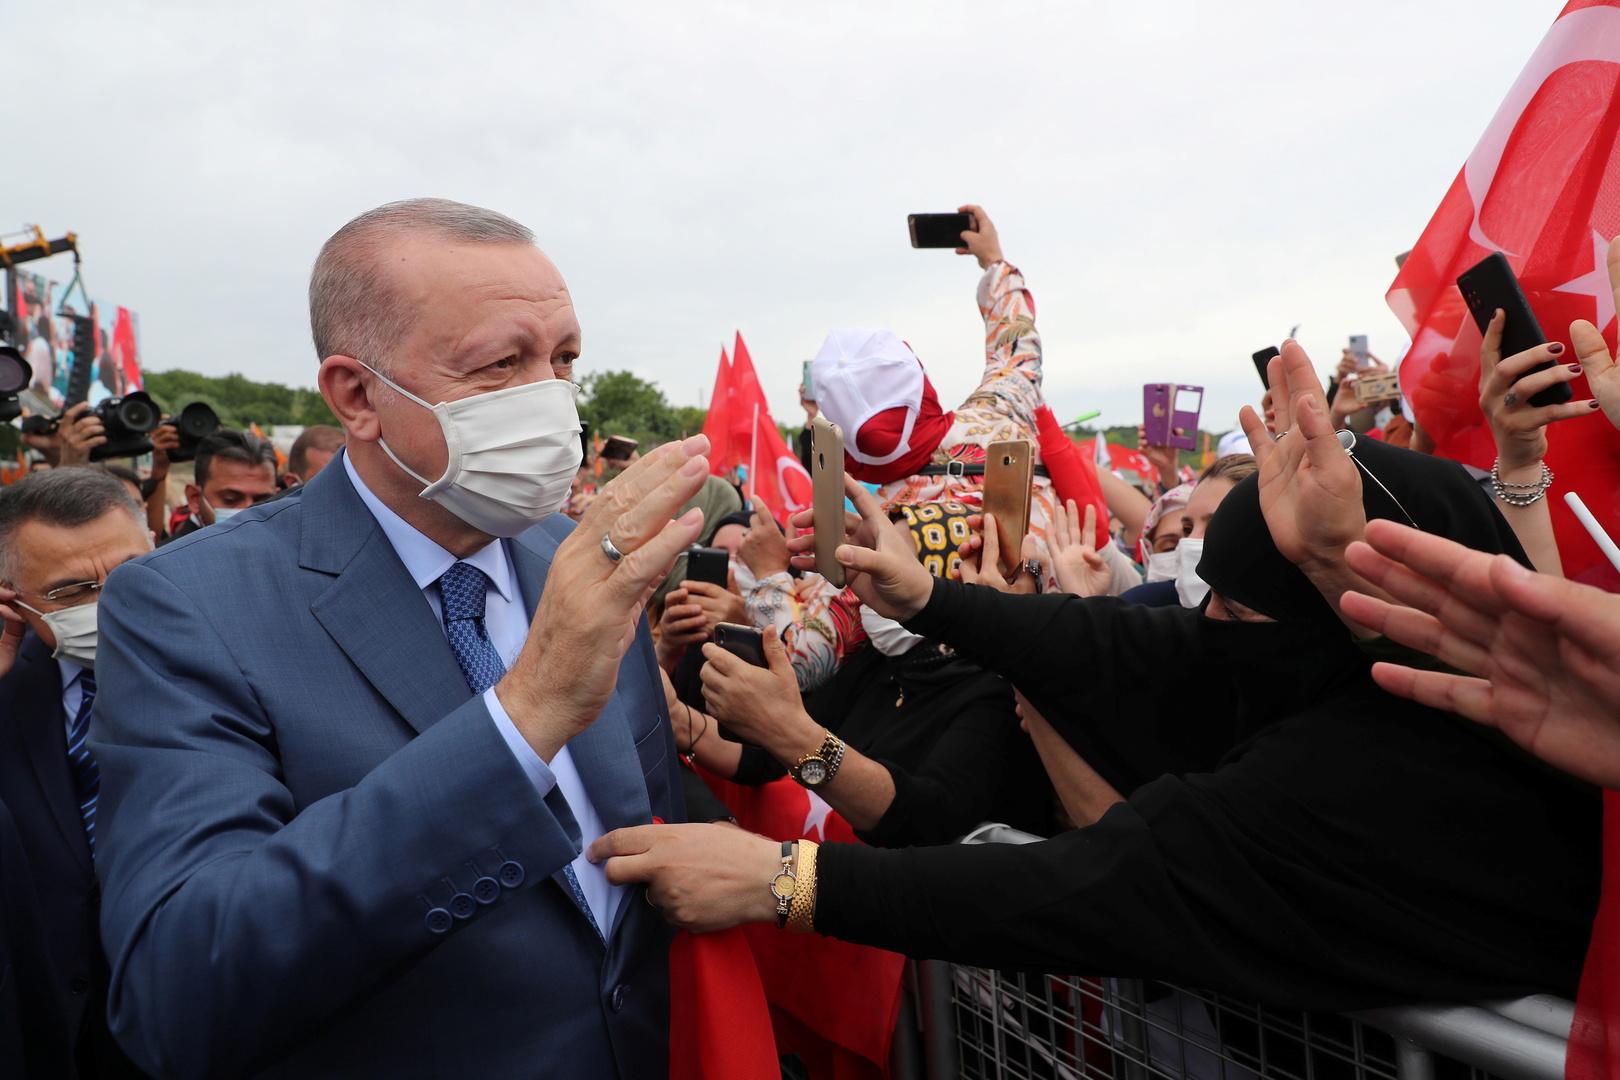 روسيا وتركيا: بناء قناة اسطنبول لن يخص معايير تواجد السفن العسكرية الأجنبية في البحر الأسود